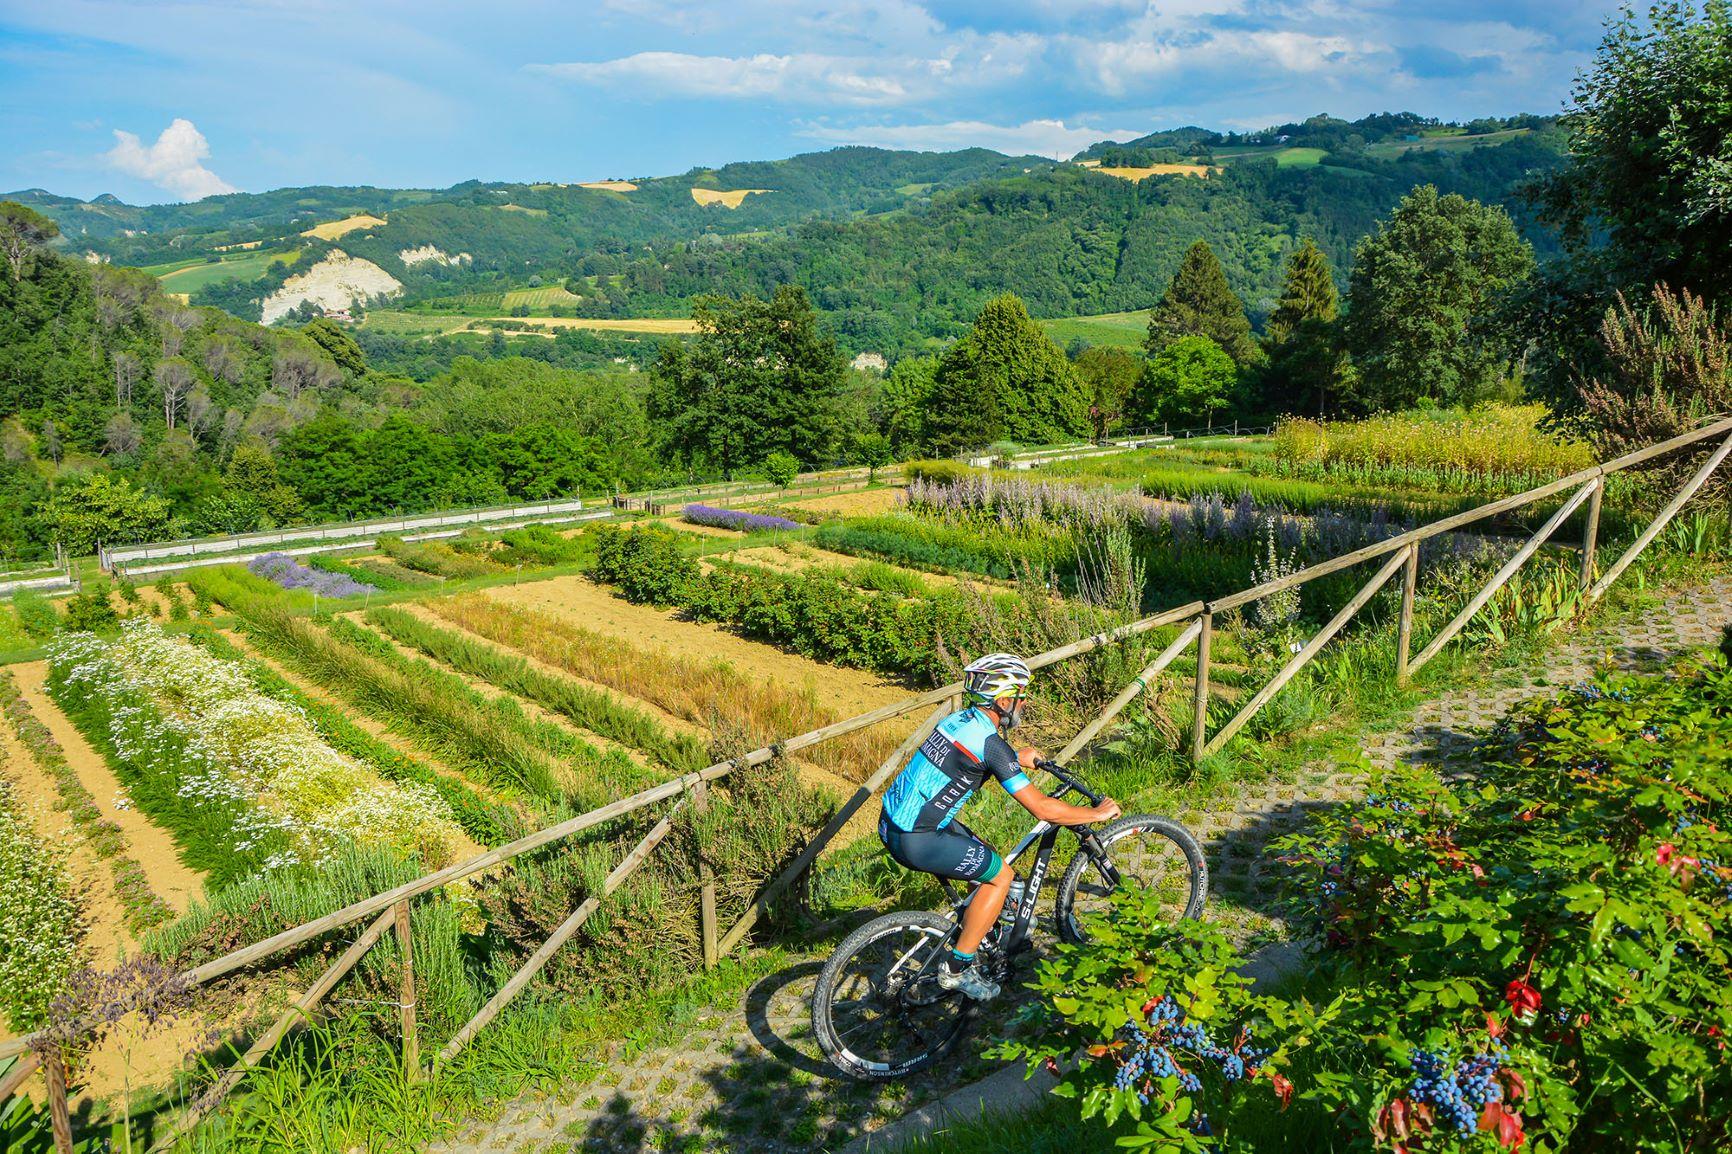 Scopriin bici il cuore dell'Emilia-Romagna